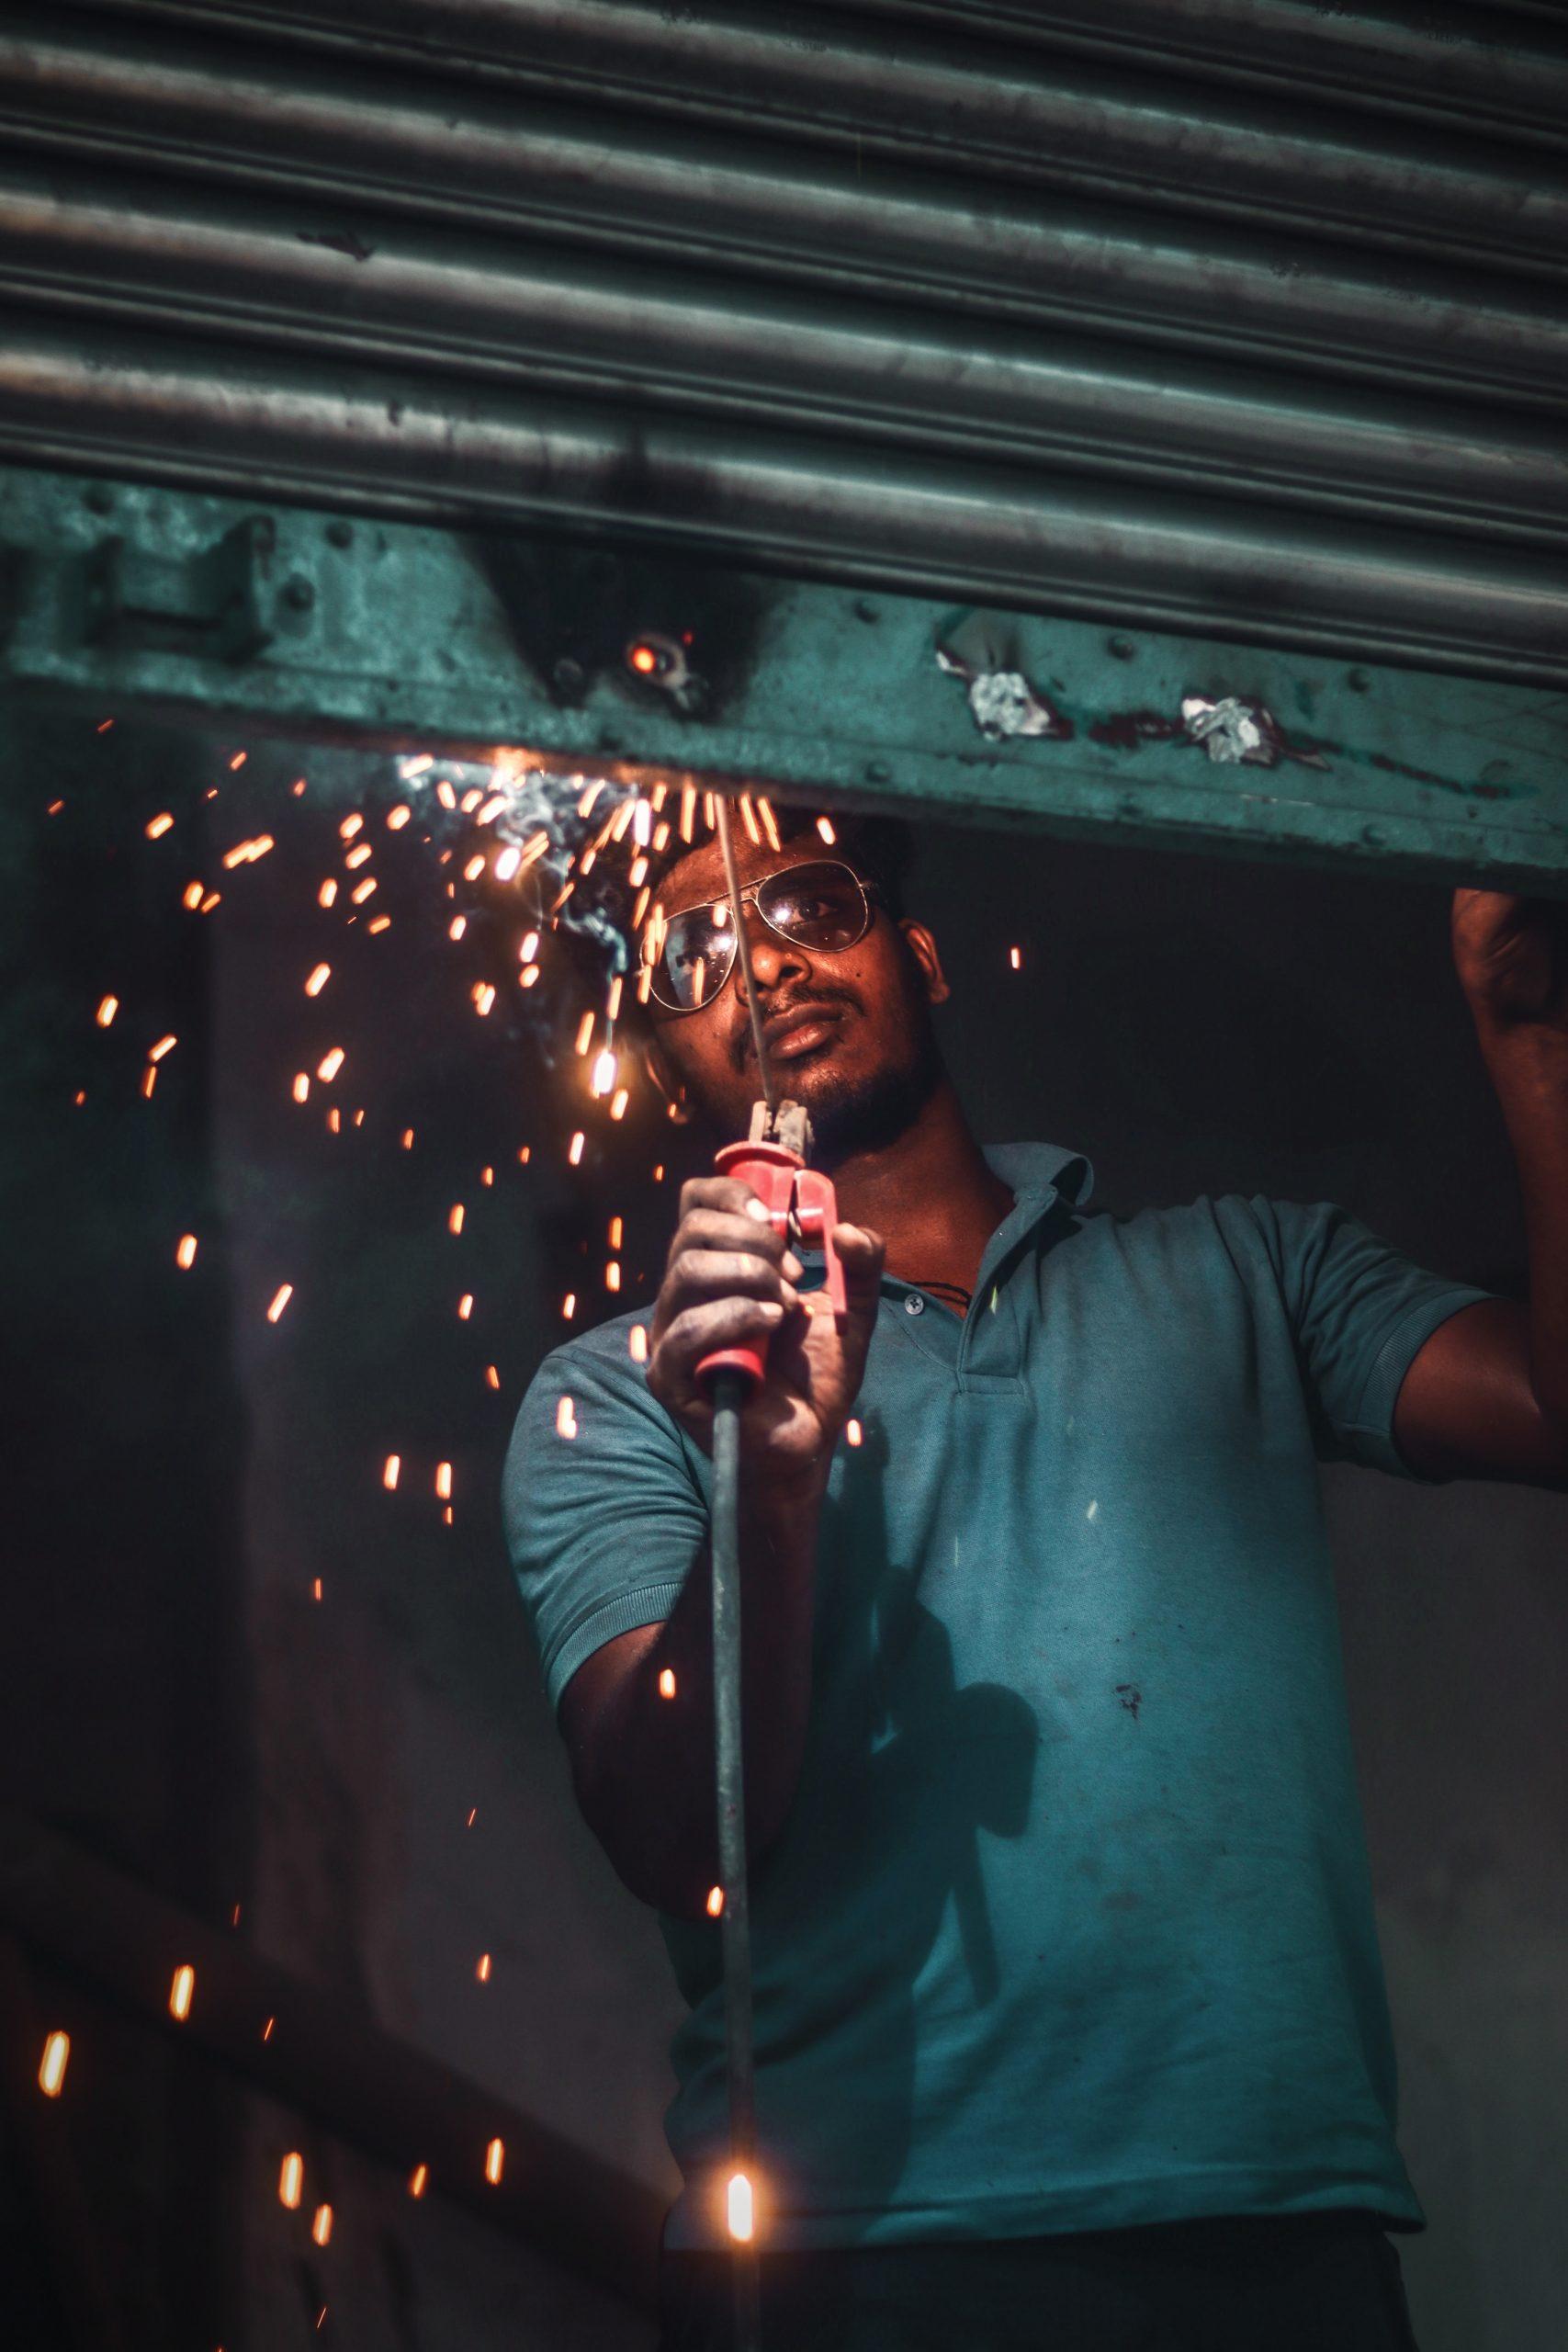 Welding work on a shutter